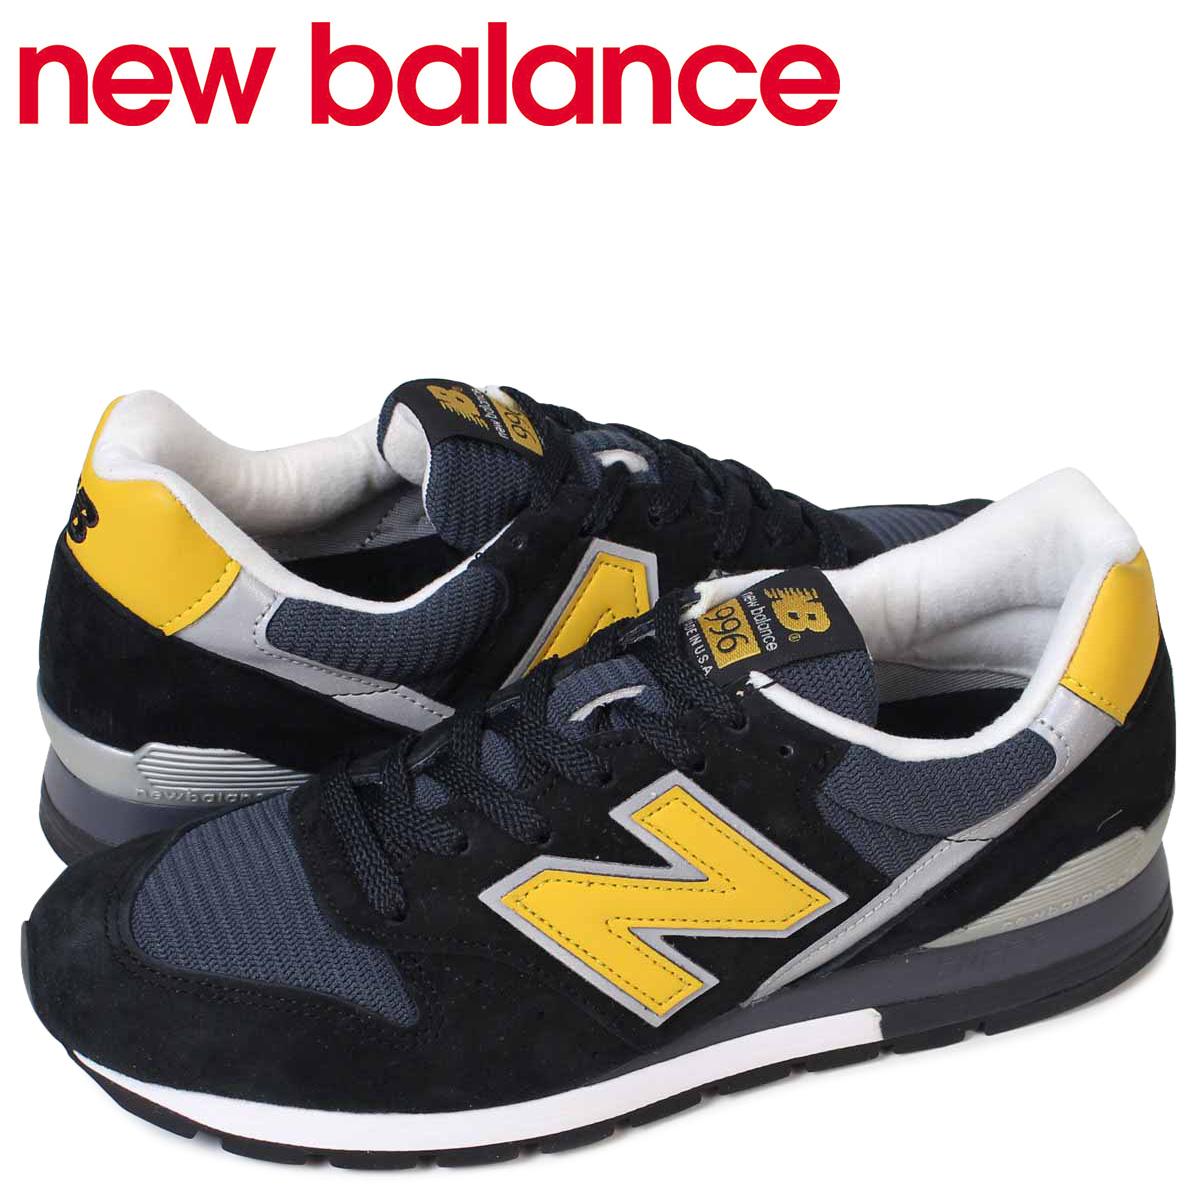 new balance 996 メンズ ニューバランス スニーカー M996CSMI Dワイズ MADE IN USA 靴 ブラック 黒